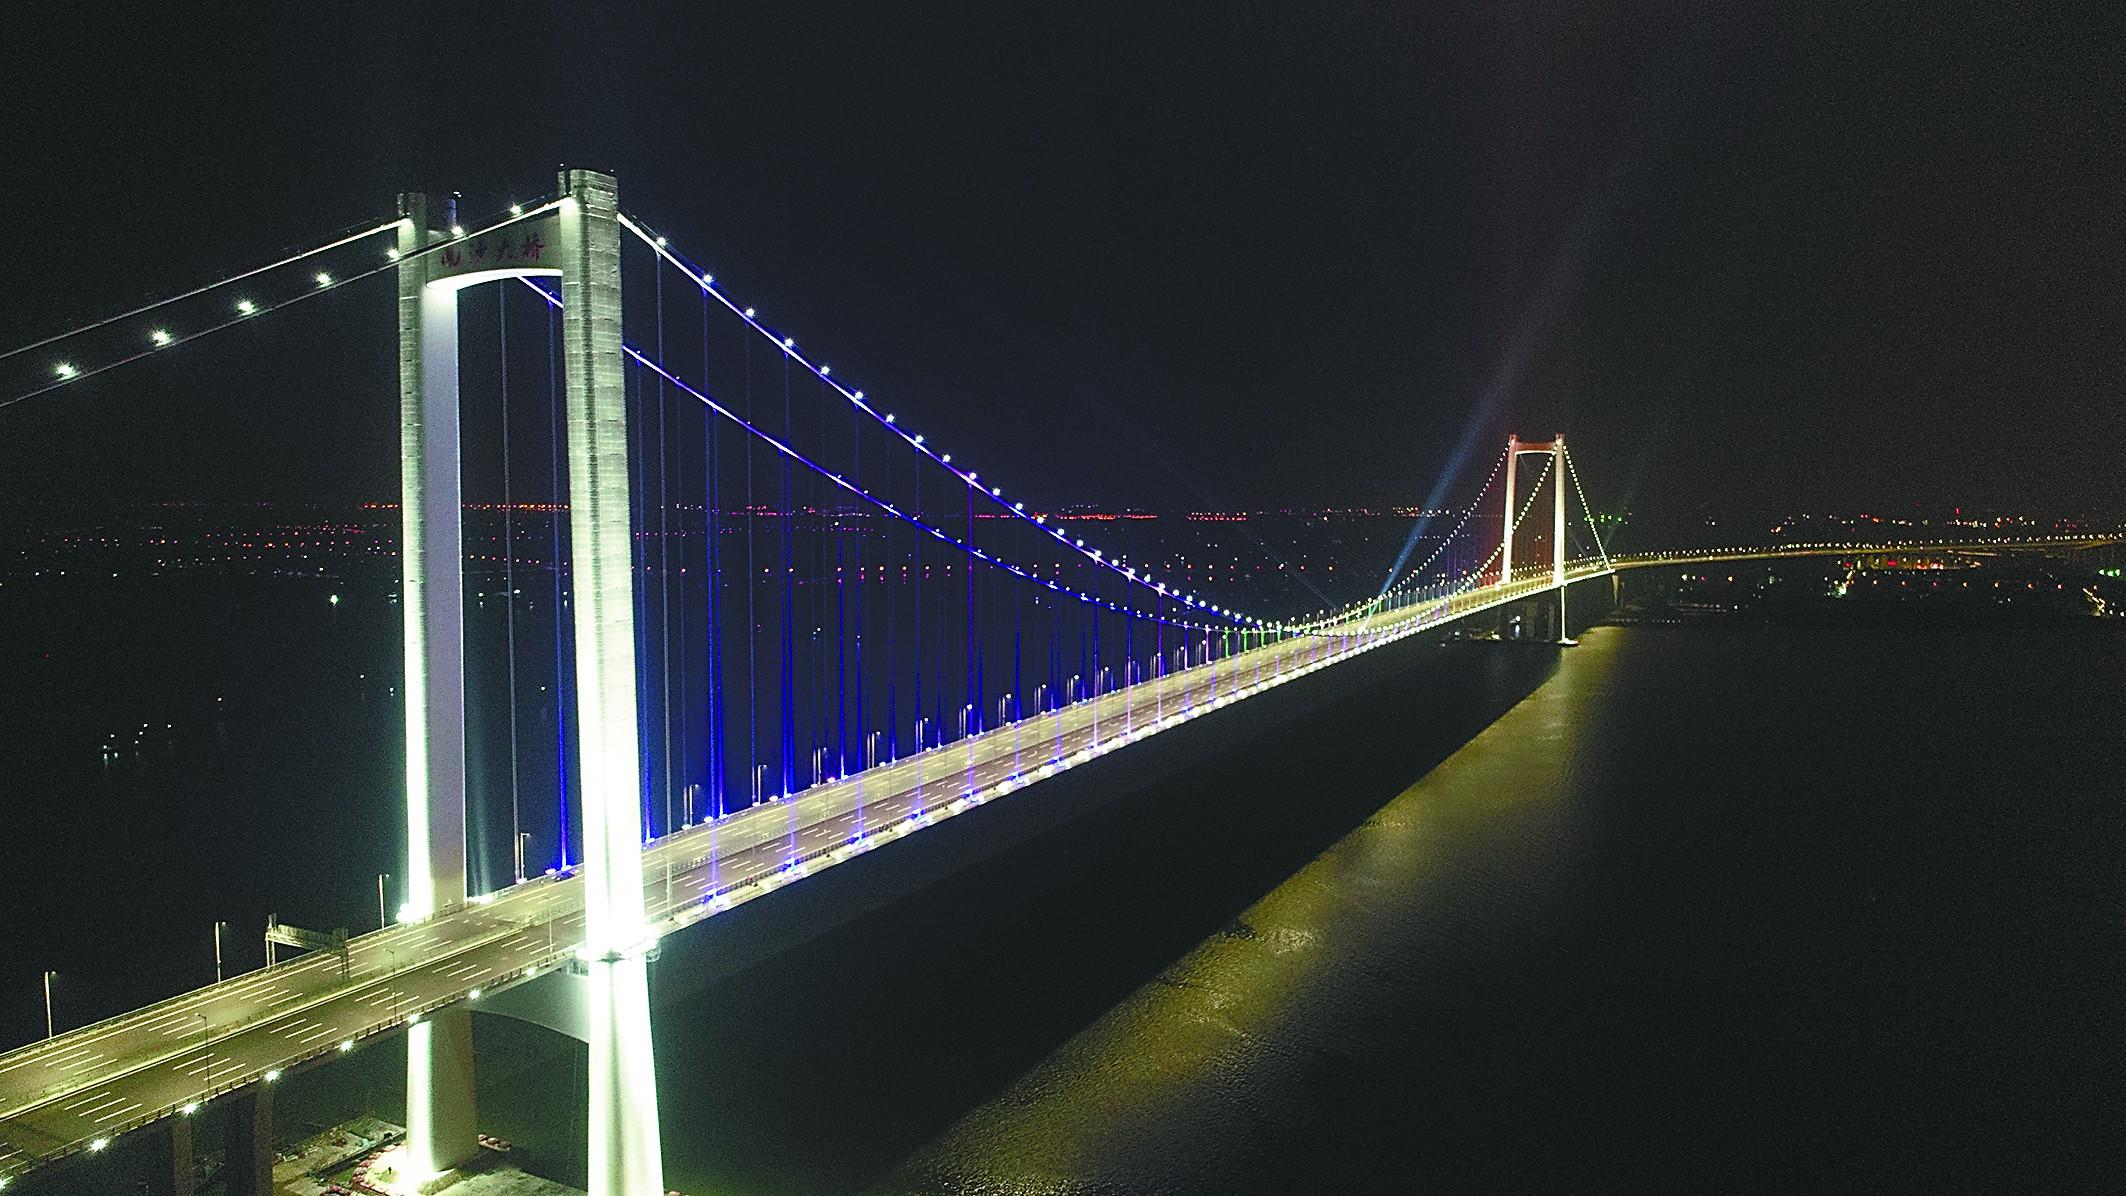 """而1688米的跨径,在目前已建成的钢箱梁悬索桥中堪称举世无双。除了跨径最长,杨敏告诉记者,虎门二桥在宽度上同样睥睨天下。""""正常的桥梁的桥面宽度在33米到35米左右,""""杨敏说,""""我们的两座悬索桥的桥面宽度达到了49.7米,桥梁双向八车道,目前为止是世界上最宽的钢箱梁悬索桥结构。""""   """"虎门二桥通车后,可以分担虎门大桥至少30%的交通量,分担黄埔大桥17%的交通量,""""杨敏说,""""并将连接起珠江东西两岸的京珠、平南、沿江、莞"""